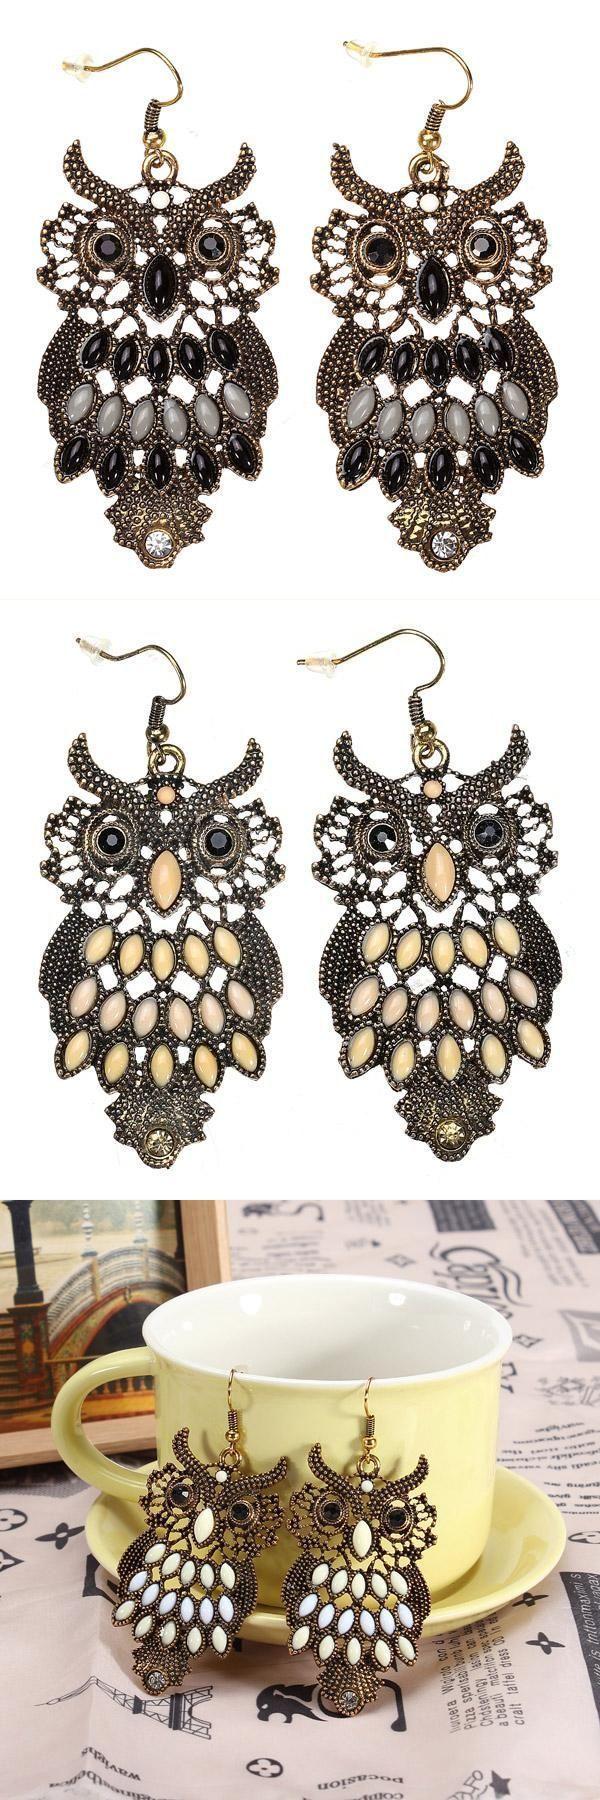 Colorful crystal hollow cartoon owl dangle drop earrings for women earrings under $5 #earrings #png #earrings #with #chain #earrings #with #screw #backs #w #brand #earrings